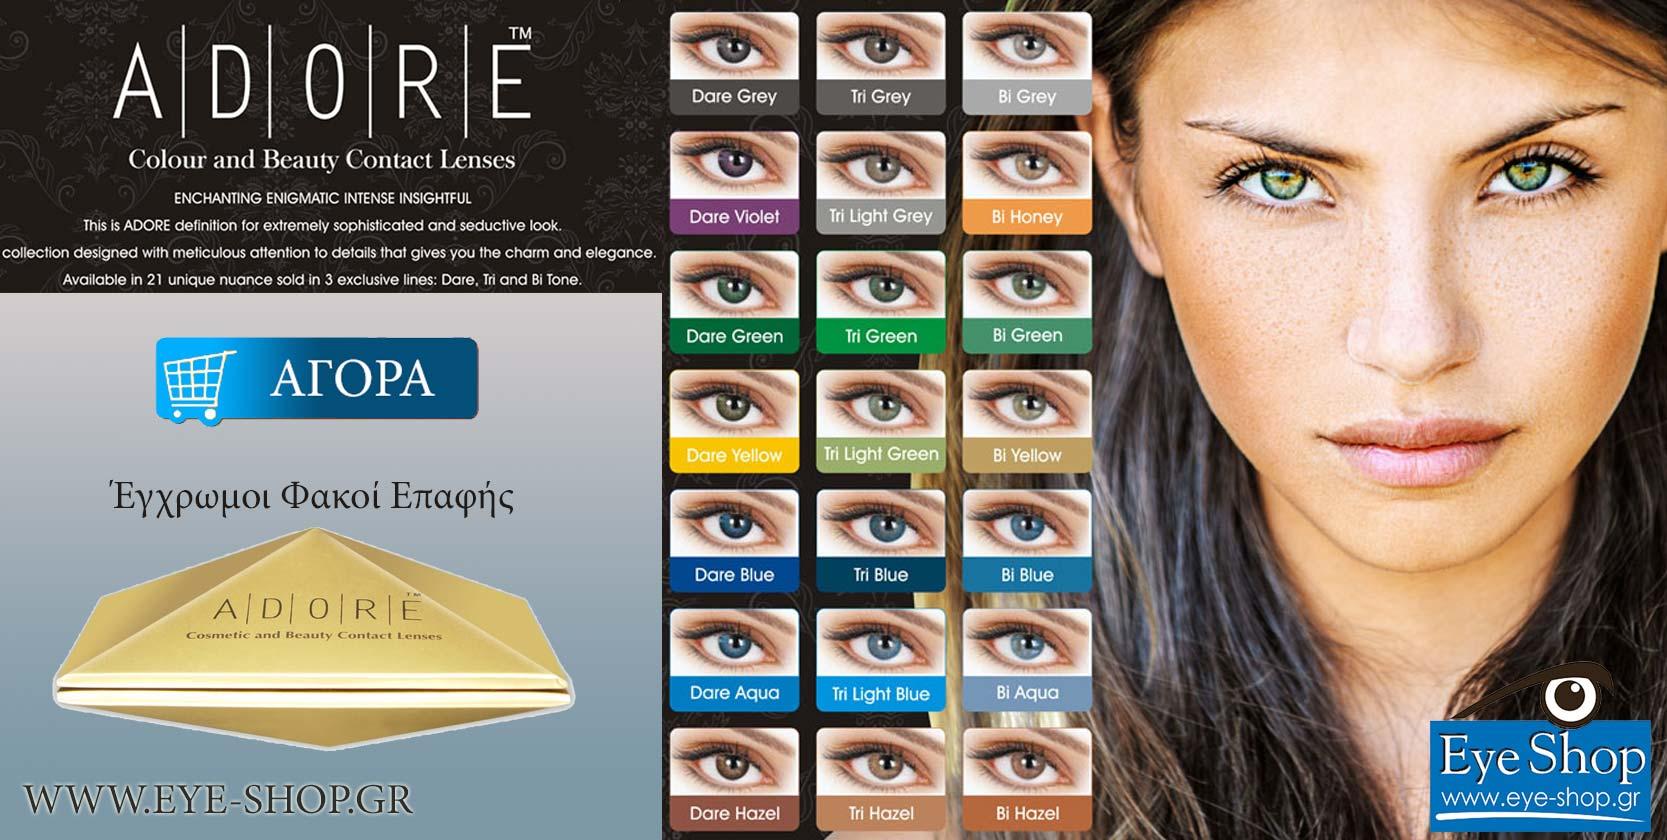 029629a0c3 EYEMED Έγχρωμοι Φακοί επαφής Adore EyeArt